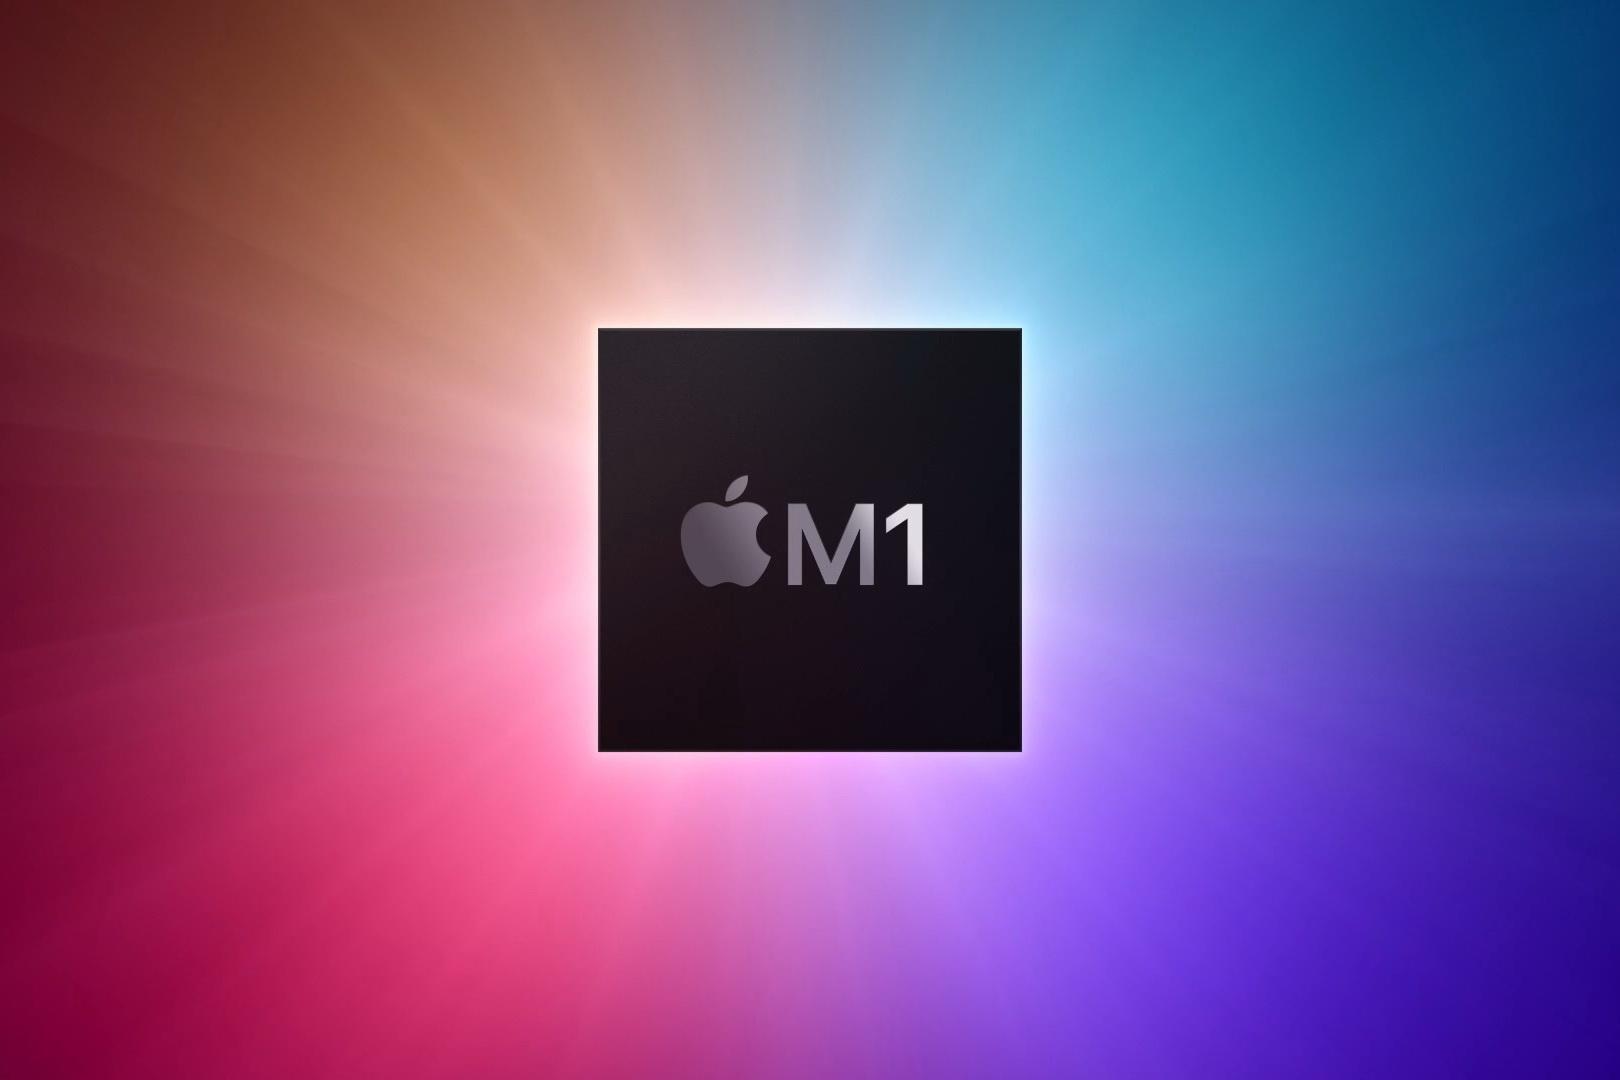 苹果下一代自研Mac处理器曝光:或命名M2 仍有望由台积电代工